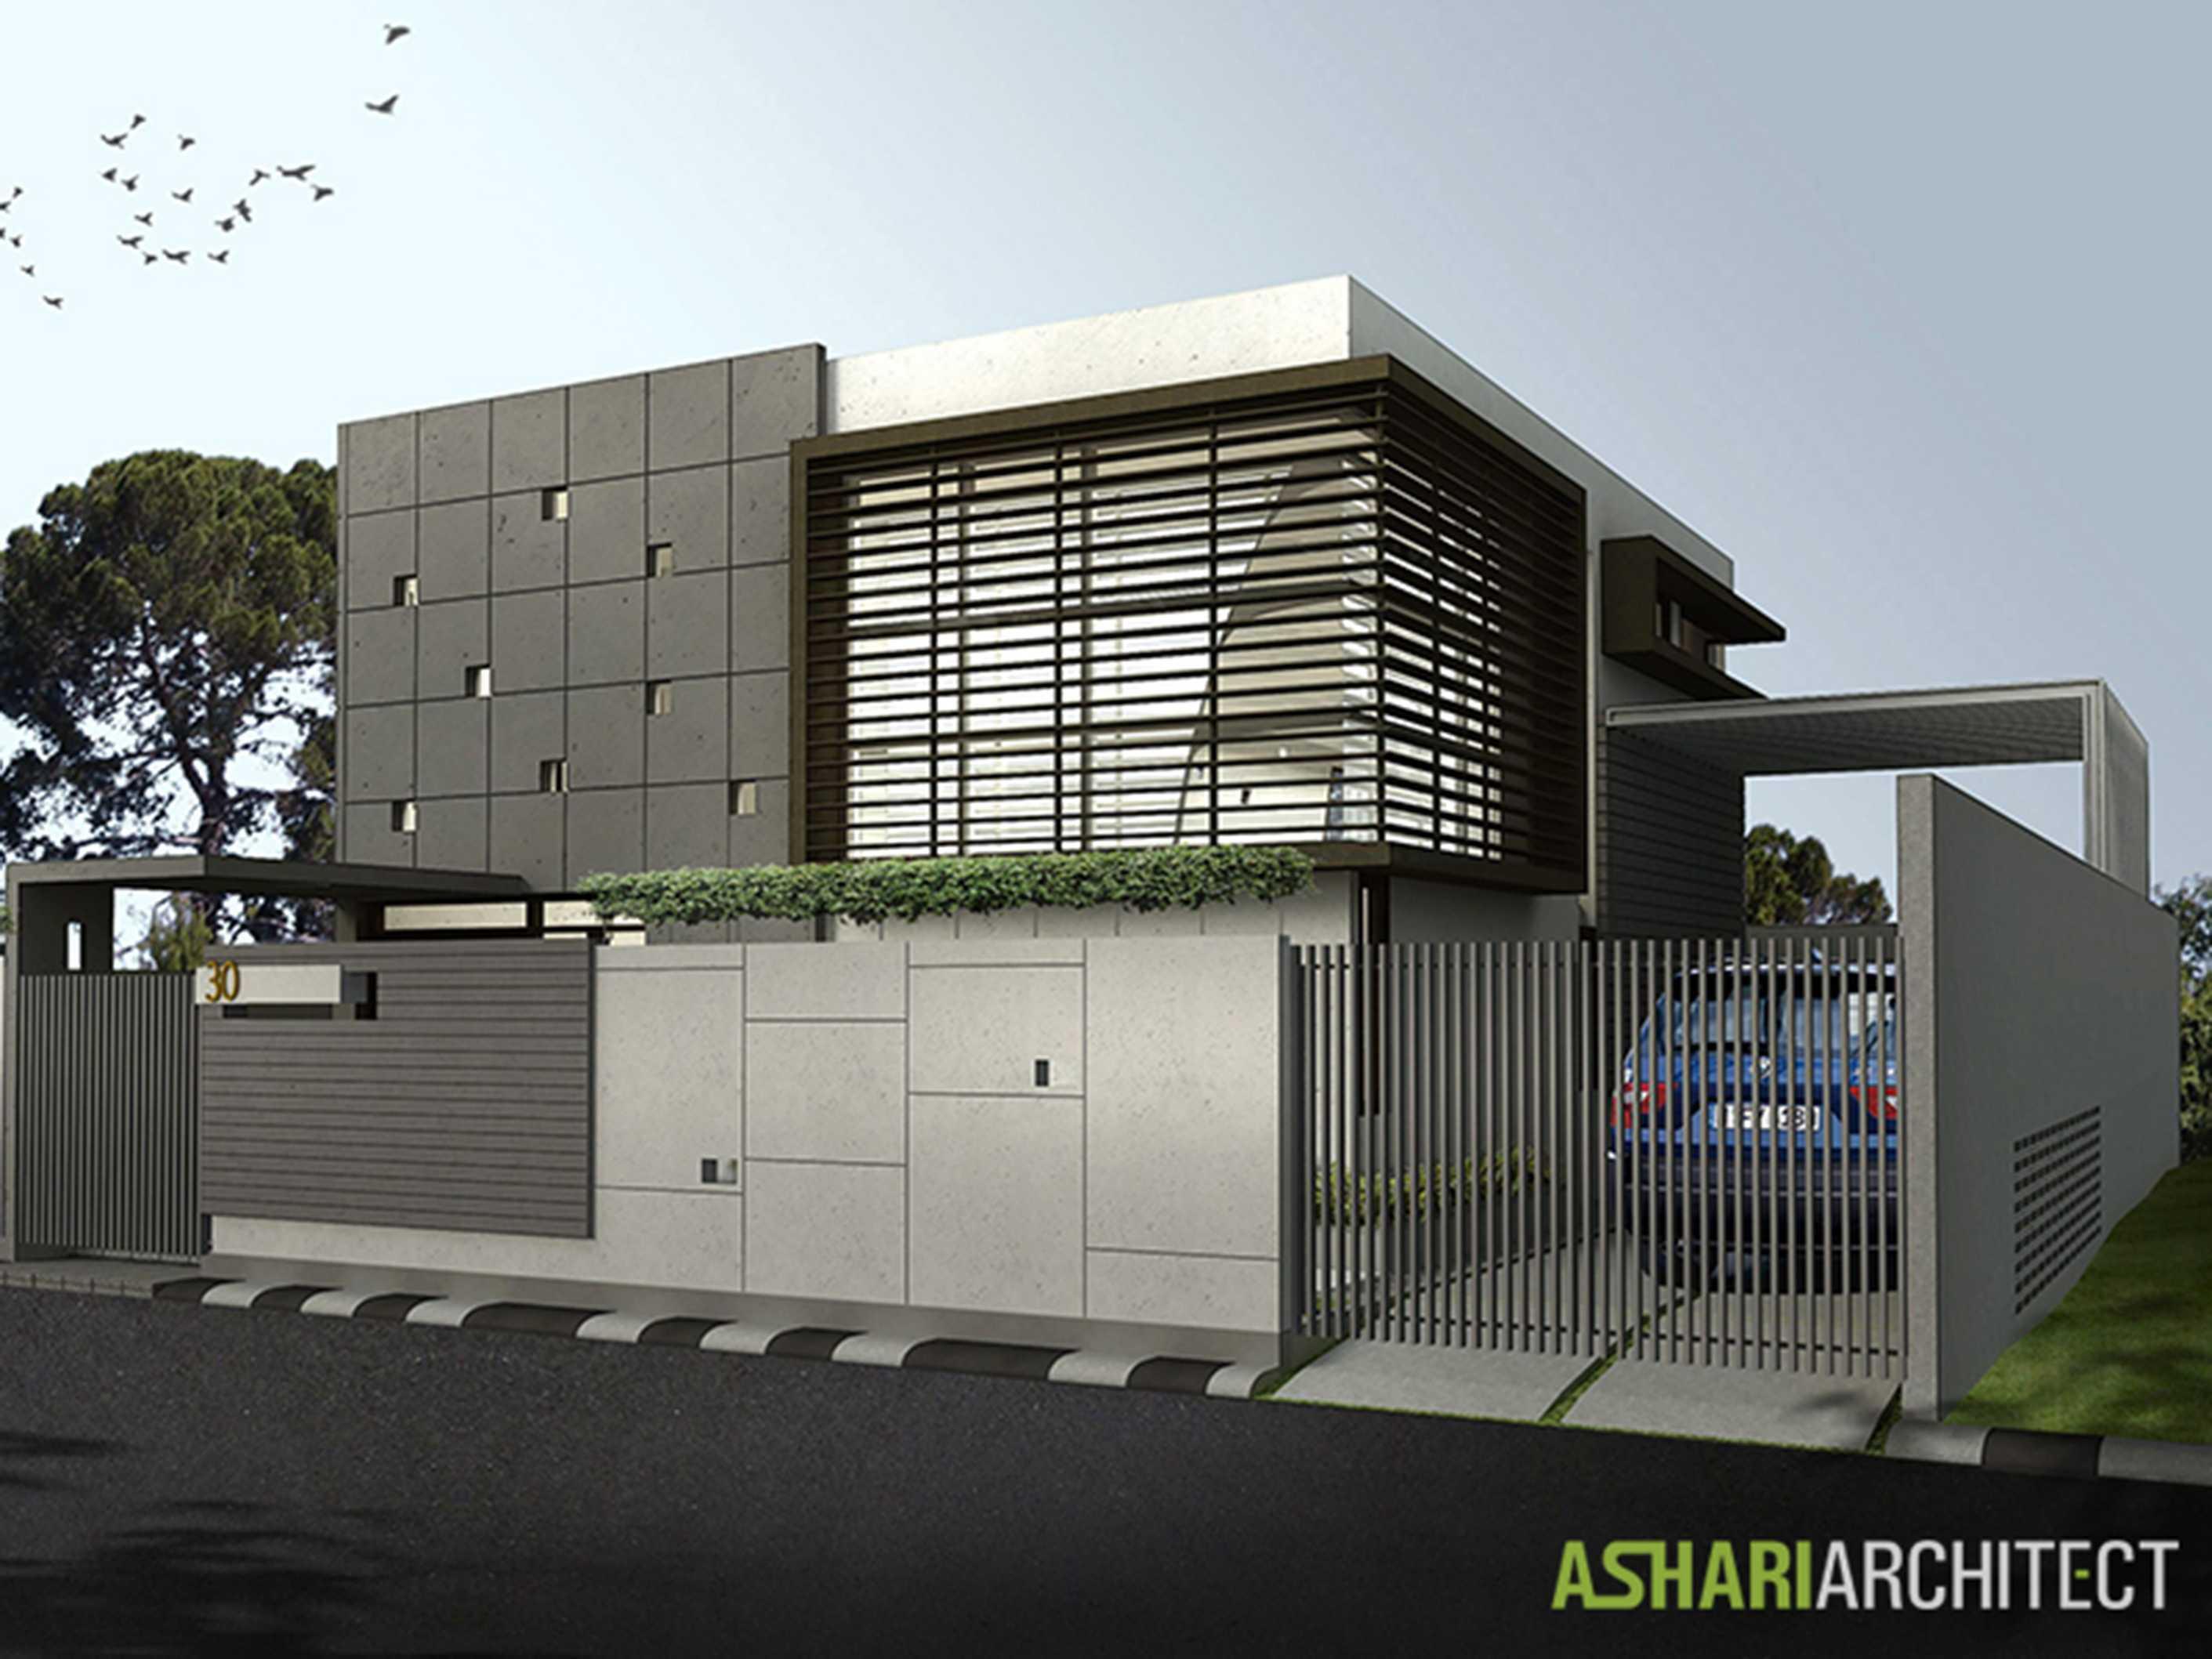 Ashari Architects Palembang House Palembang, Indonesia Palembang, Indonesia Render-Front-View Kontemporer  11871